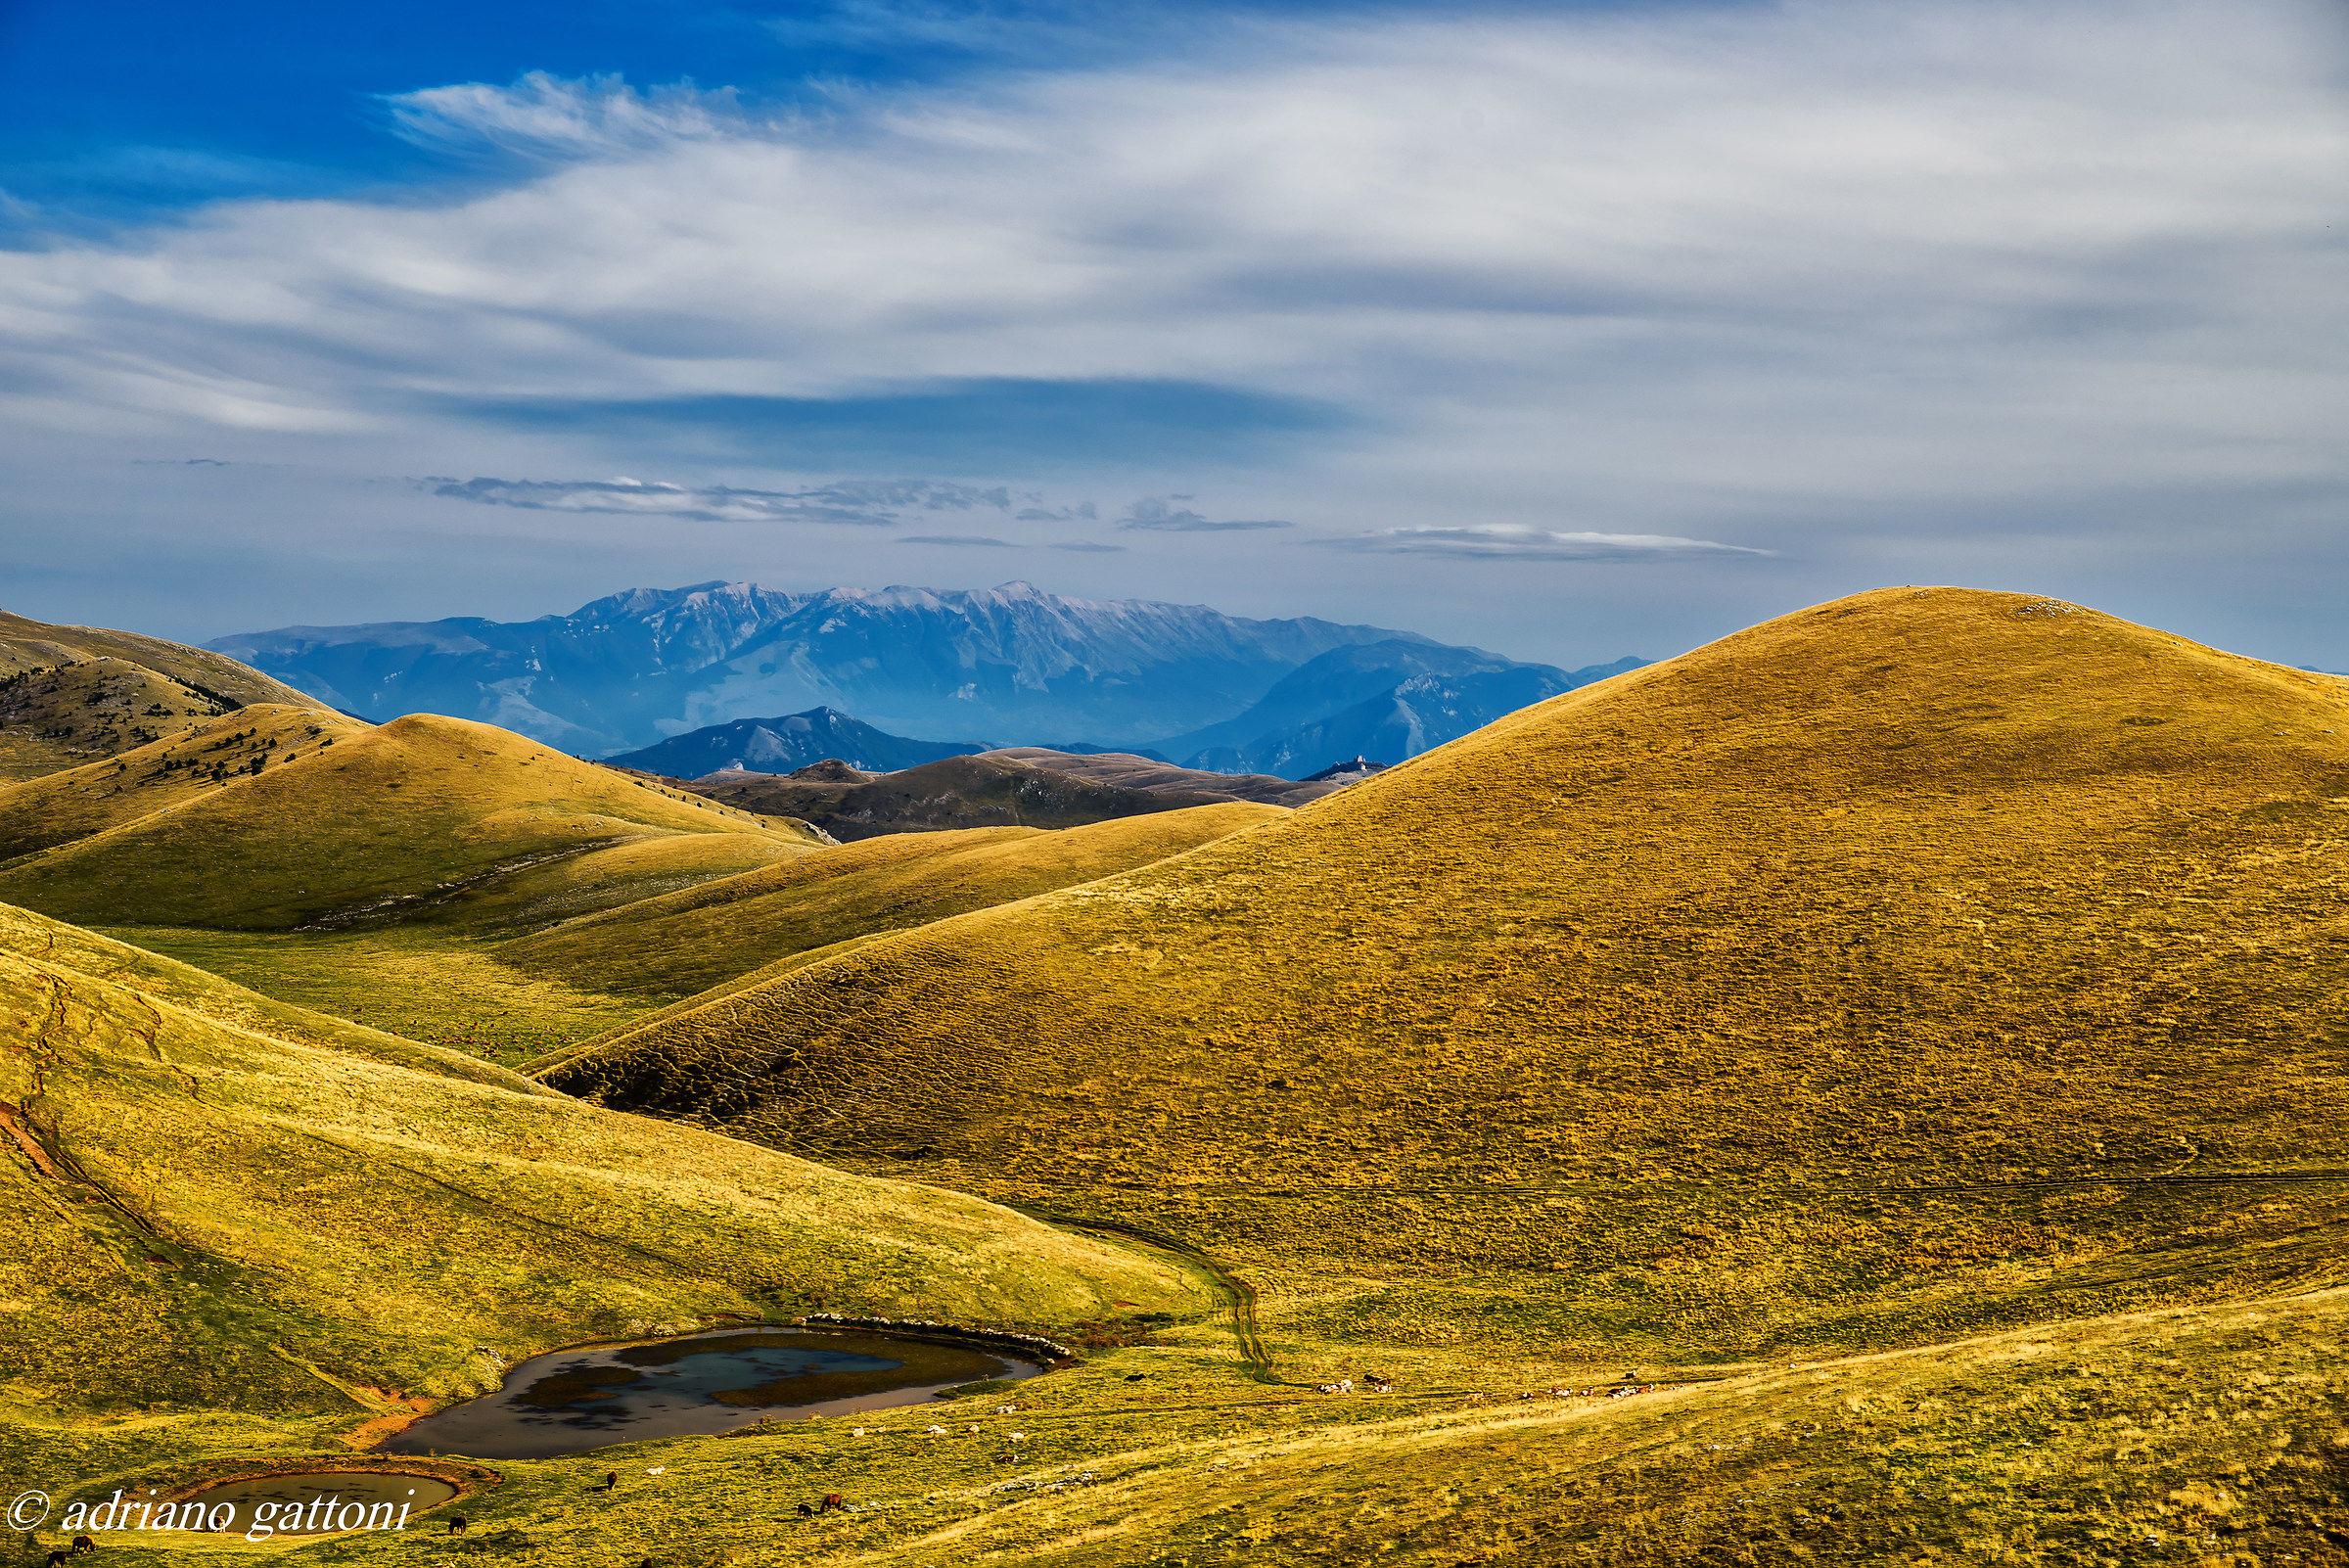 Campo Imperatore, a small Italian Tibet...